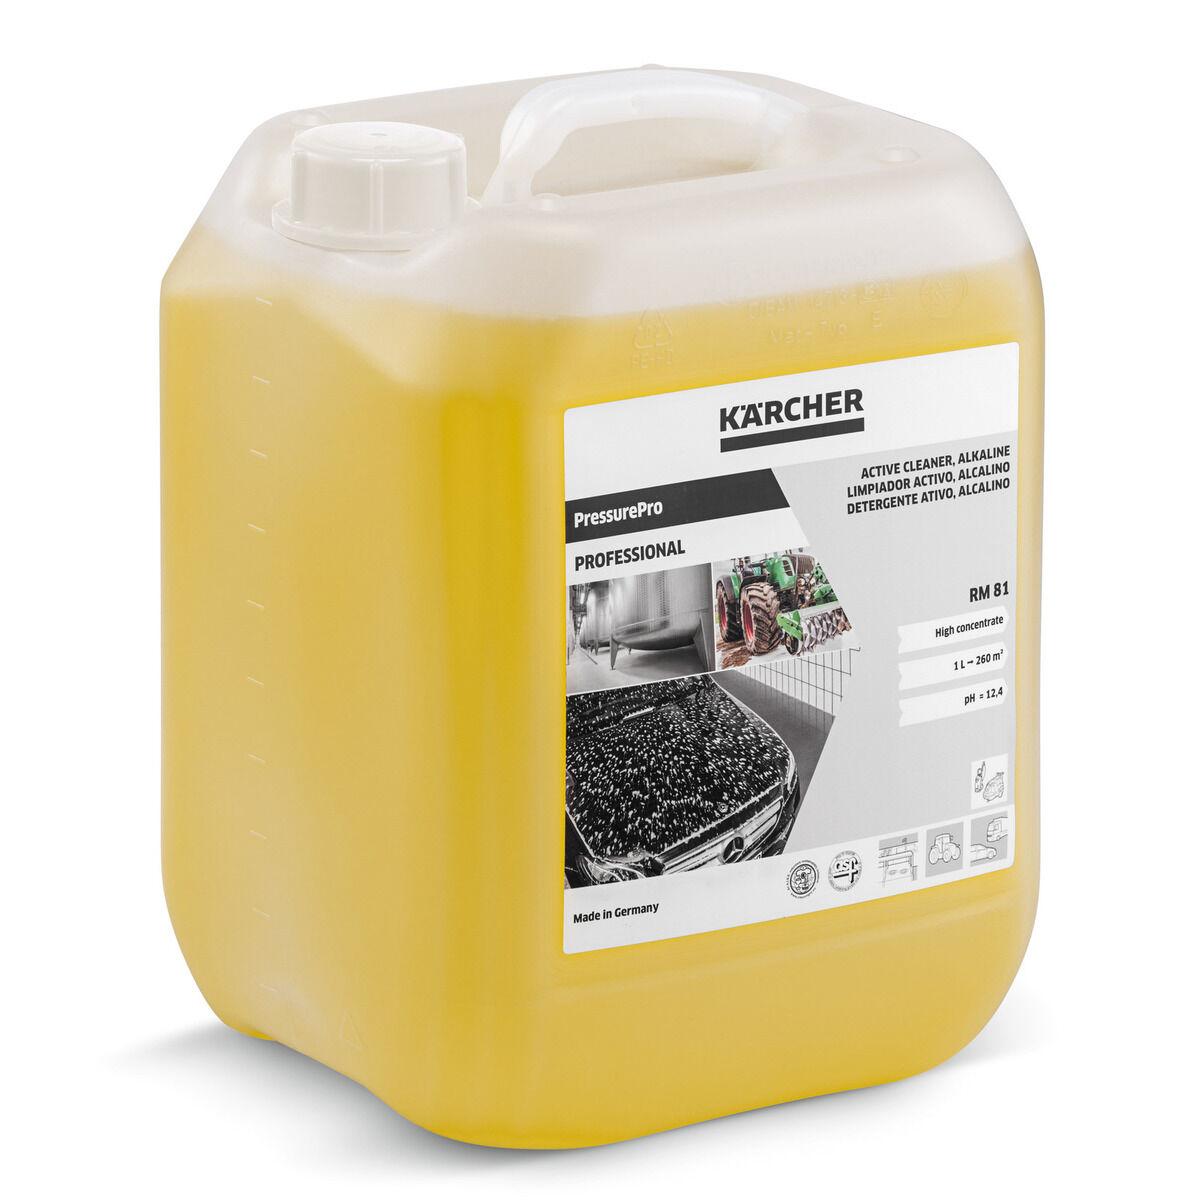 KARCHER Détergent actif PressurePro alcalin RM 81 bidon 10l - KARCHER - 62955560